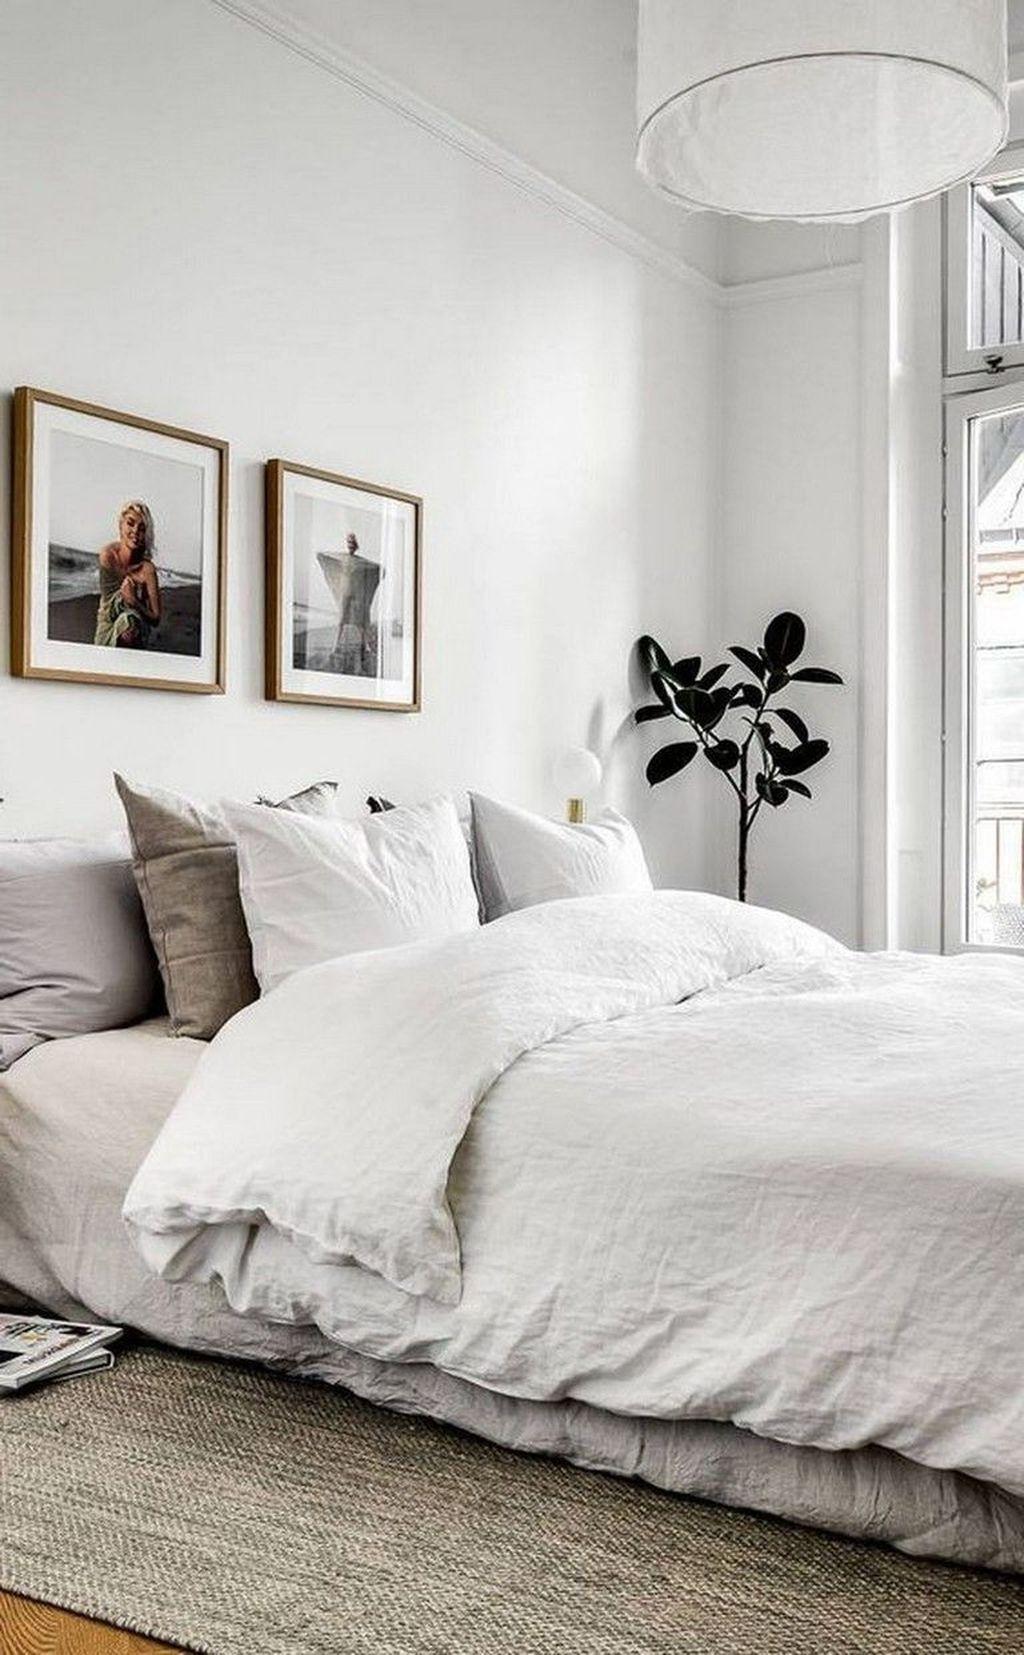 Best-minimalist-bedroom-decoration-ideas-that-looks-cool